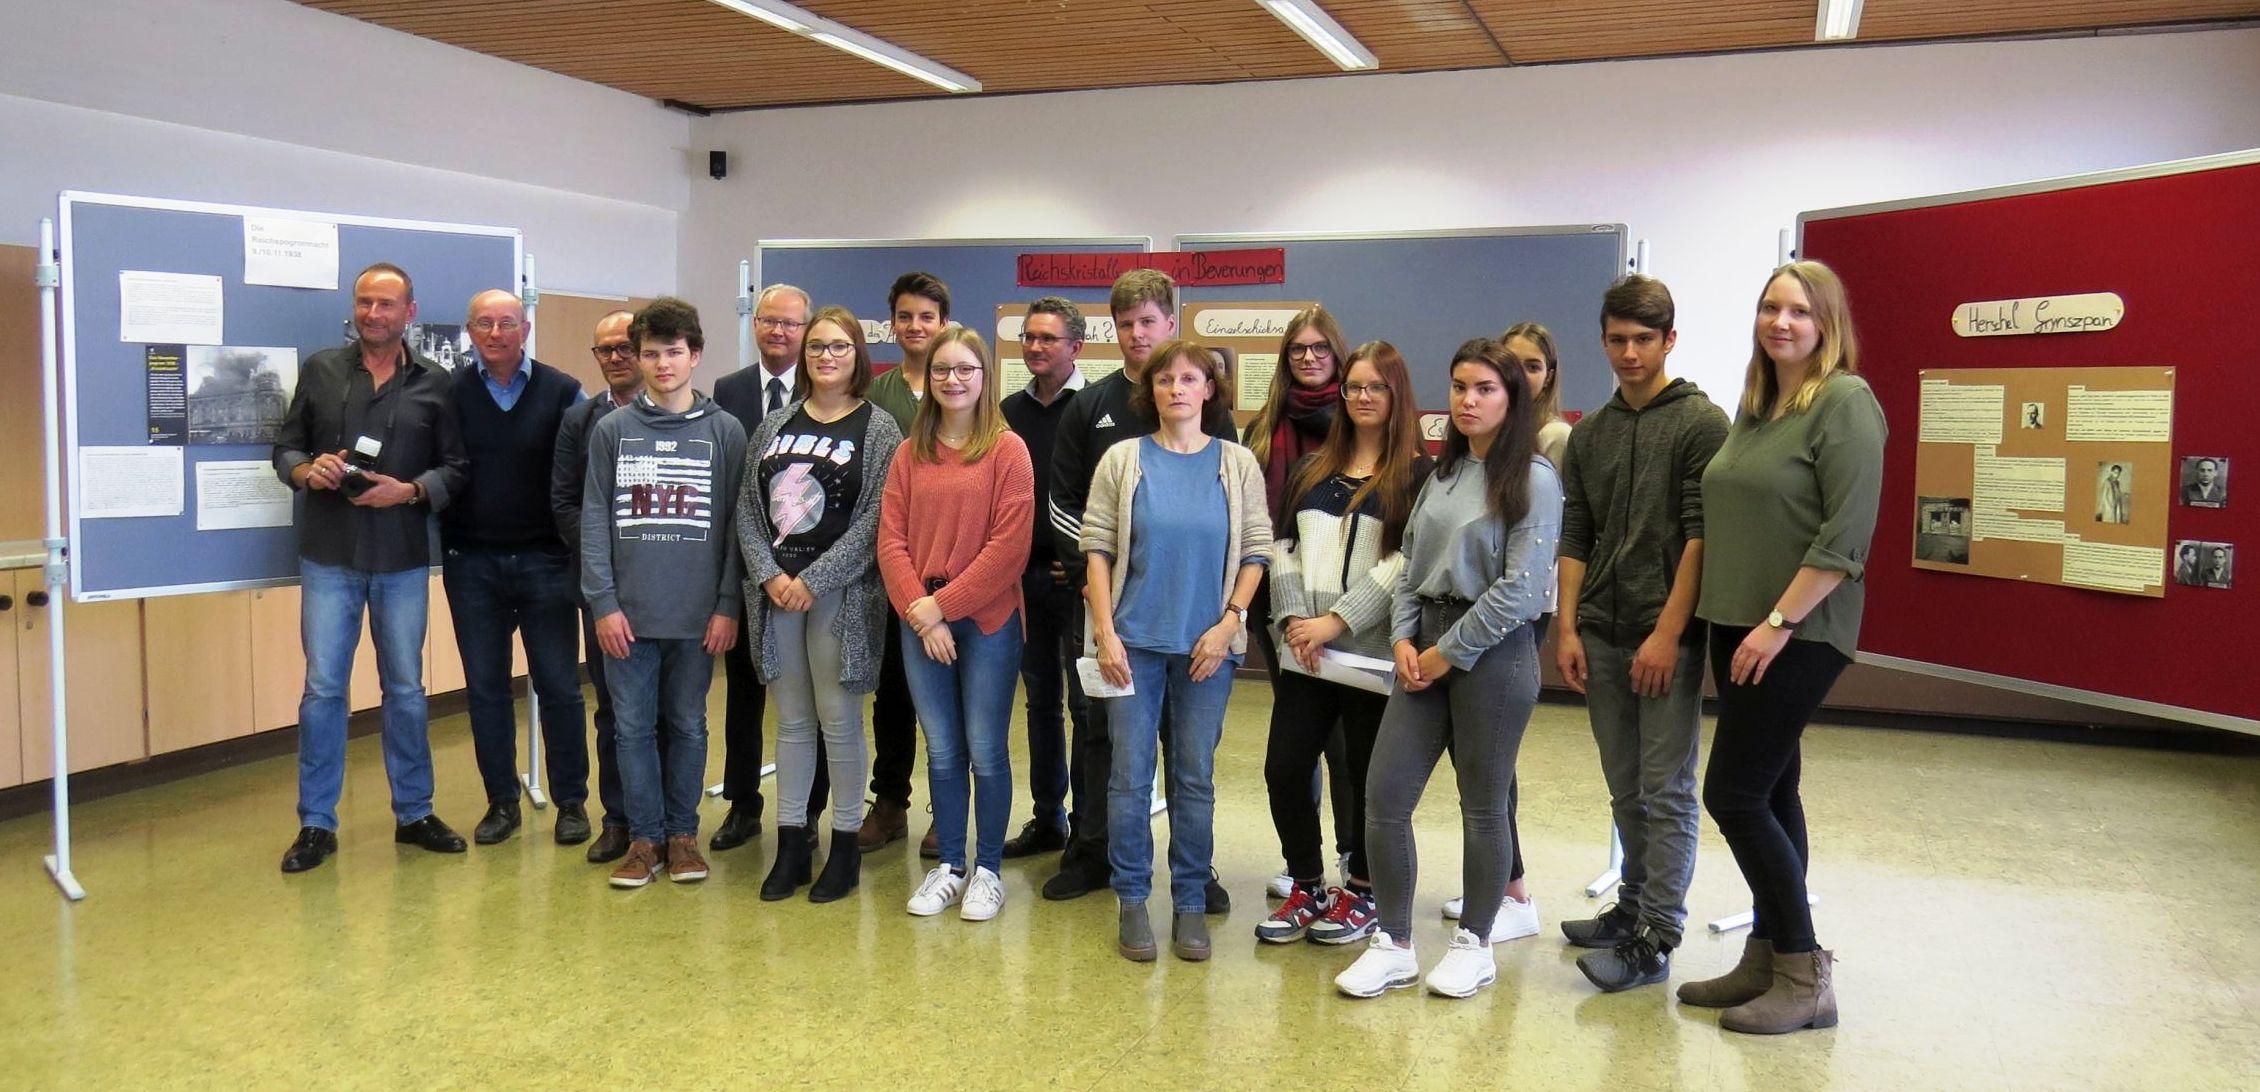 80 Jahre Reichsprogramnacht – Gemeinsame Veranstaltung von der Sekundarschule und dem Gymnasium